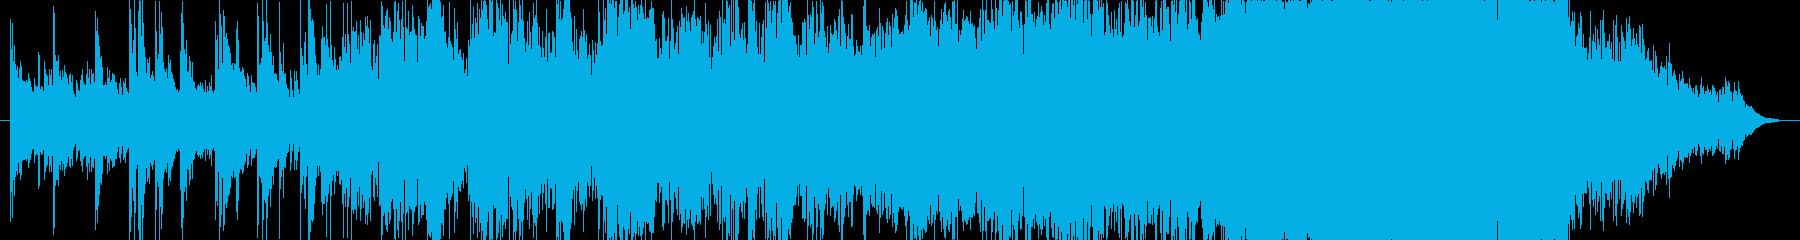 やわらかい印象のBGMの再生済みの波形